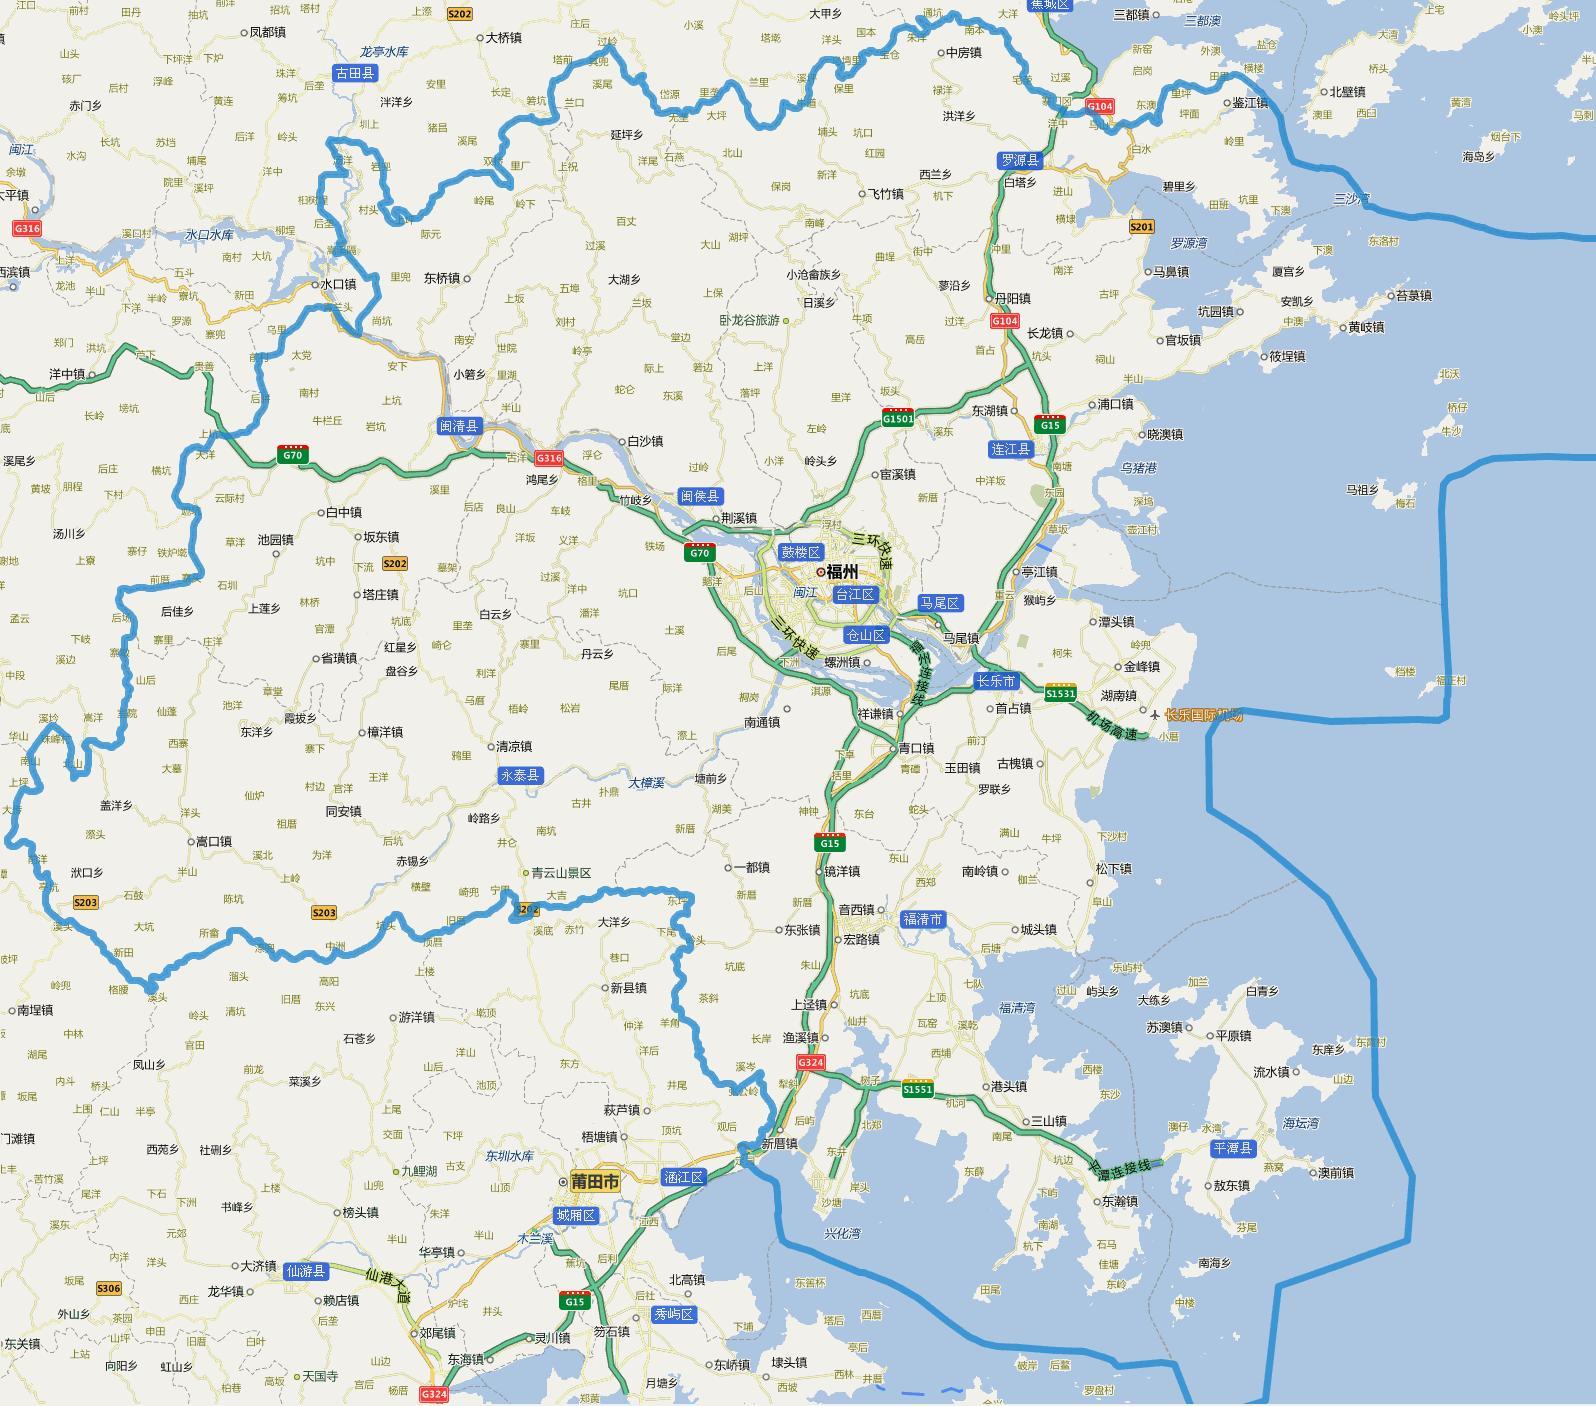 福建福州市区地图_我想要一份福州市区地图,最好包括五区八县的地图。高清的 ...